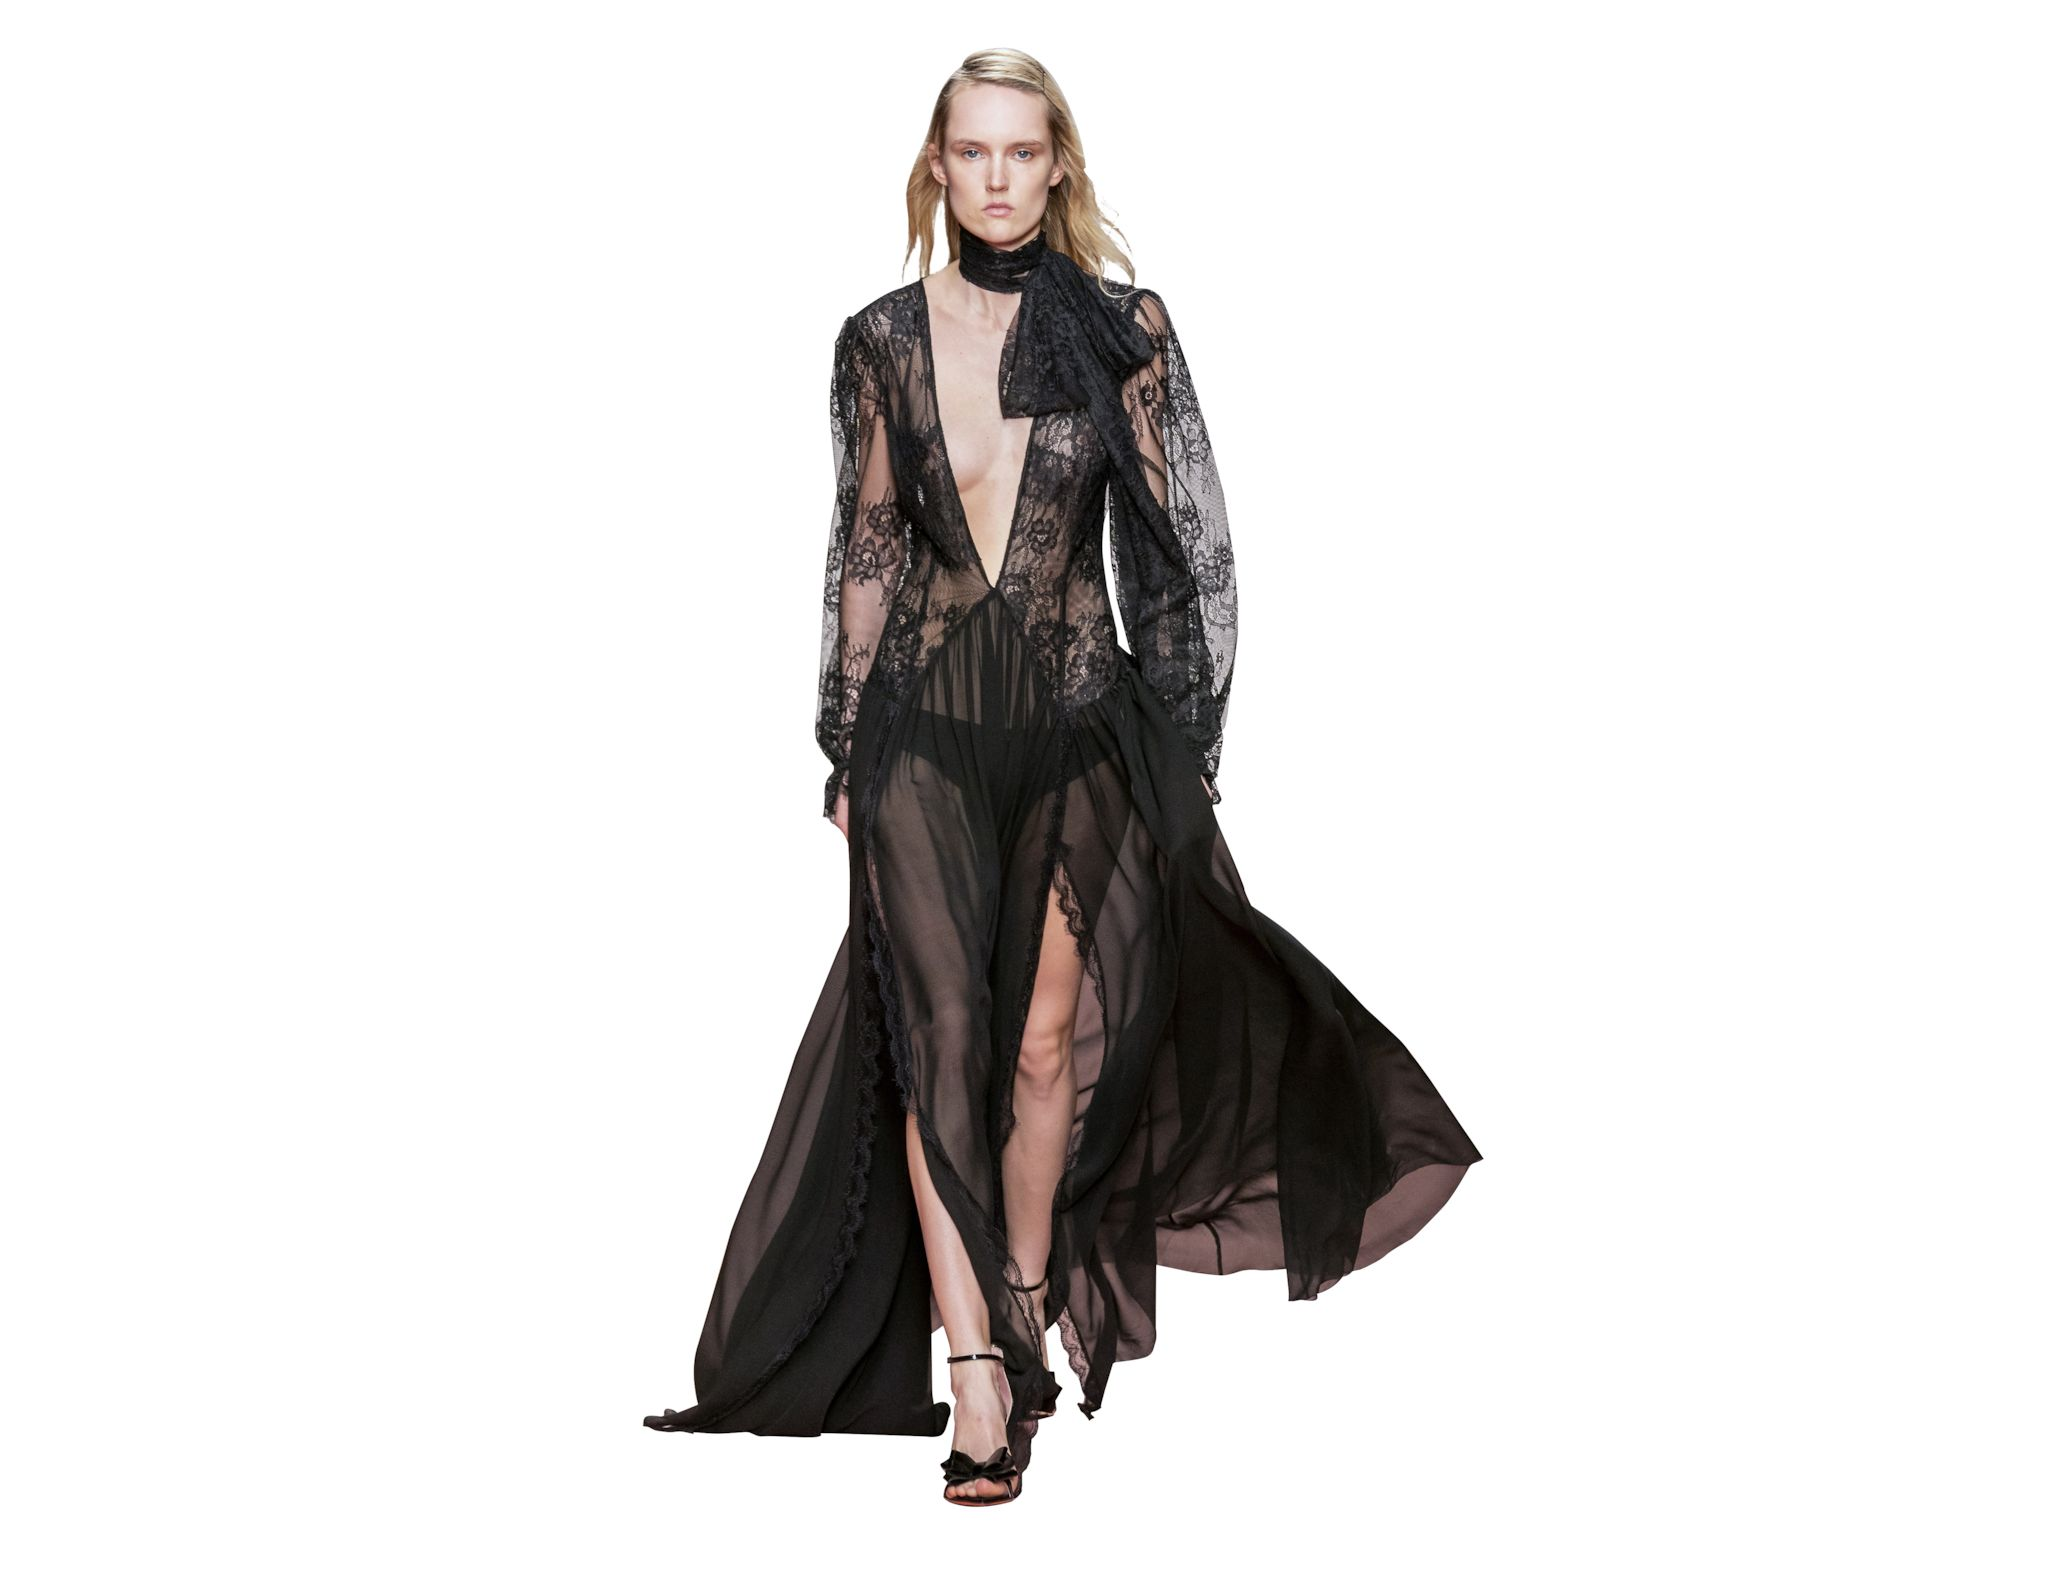 La lingerie nera si abbina tono su tono con i long dress